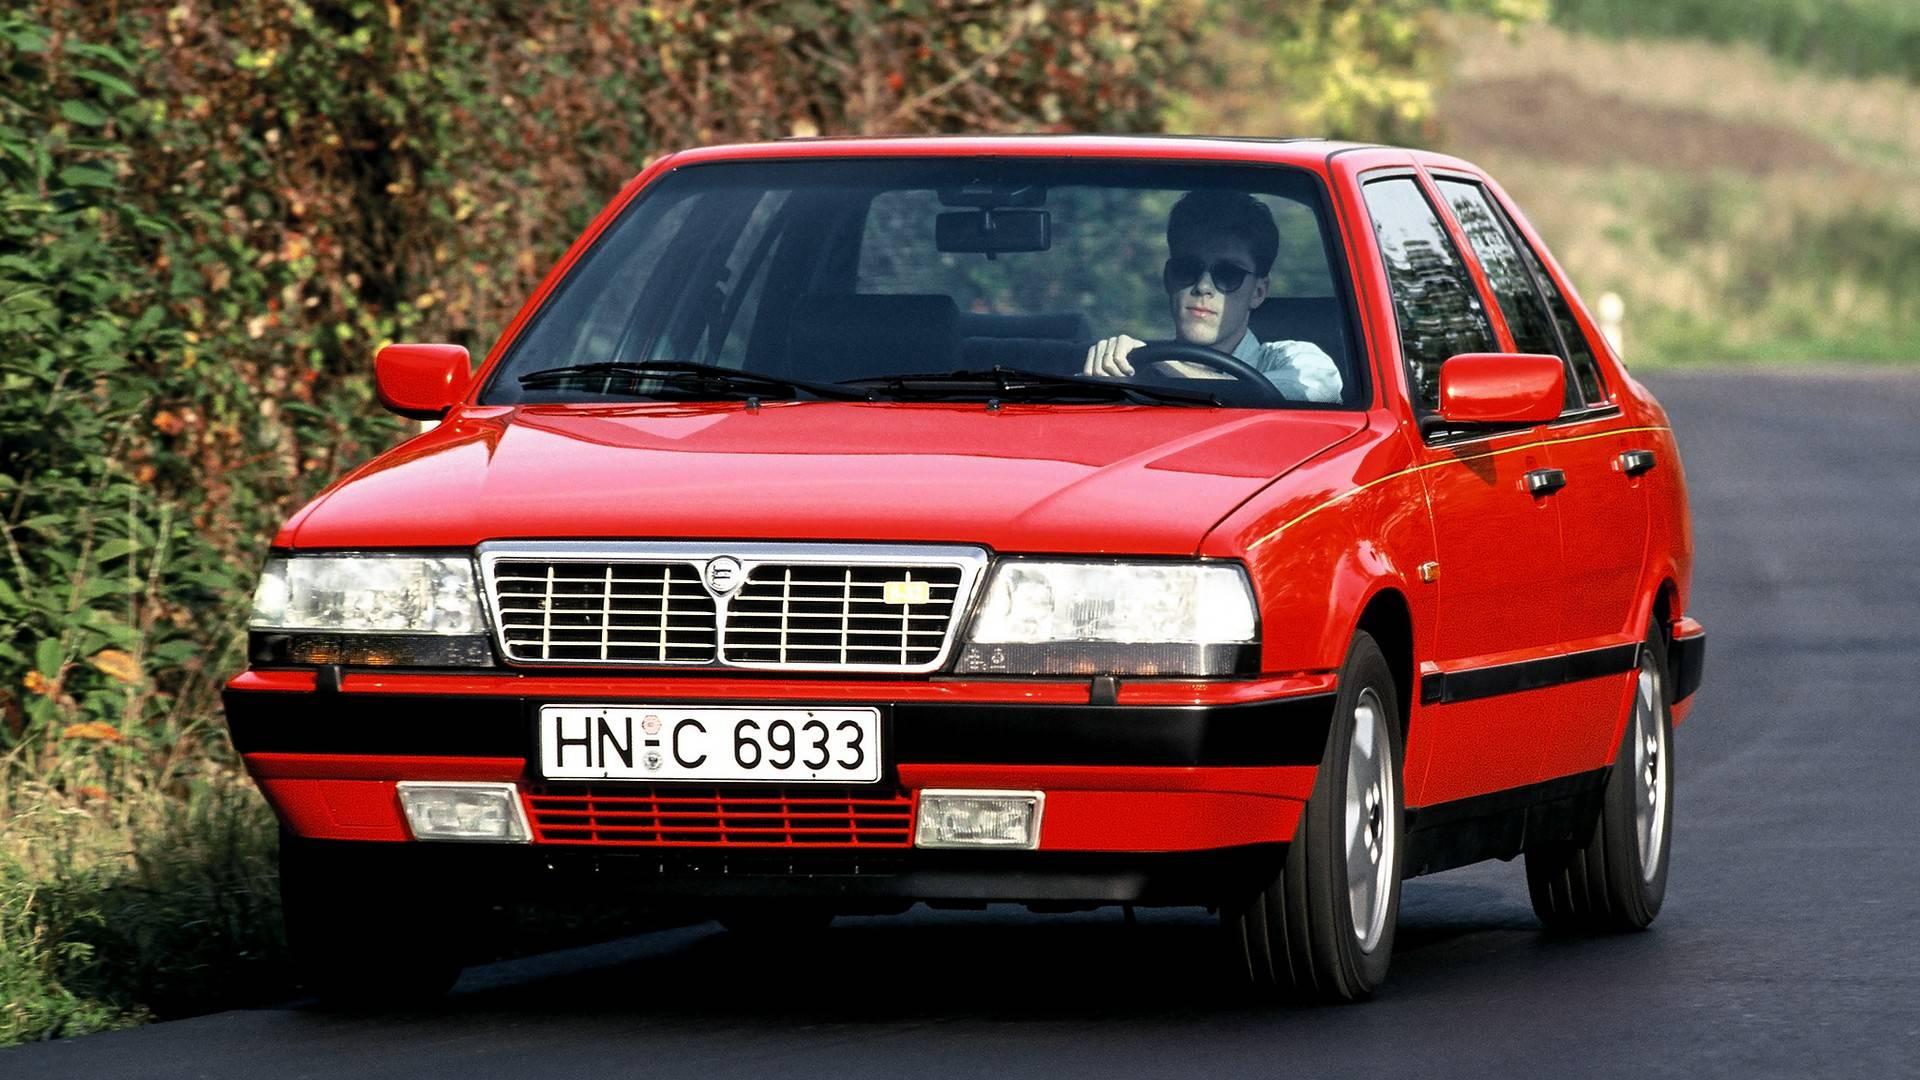 Automobilski dragulj dana: Lancia Thema sa Ferrarijevim V8 motorom (VIDEO)